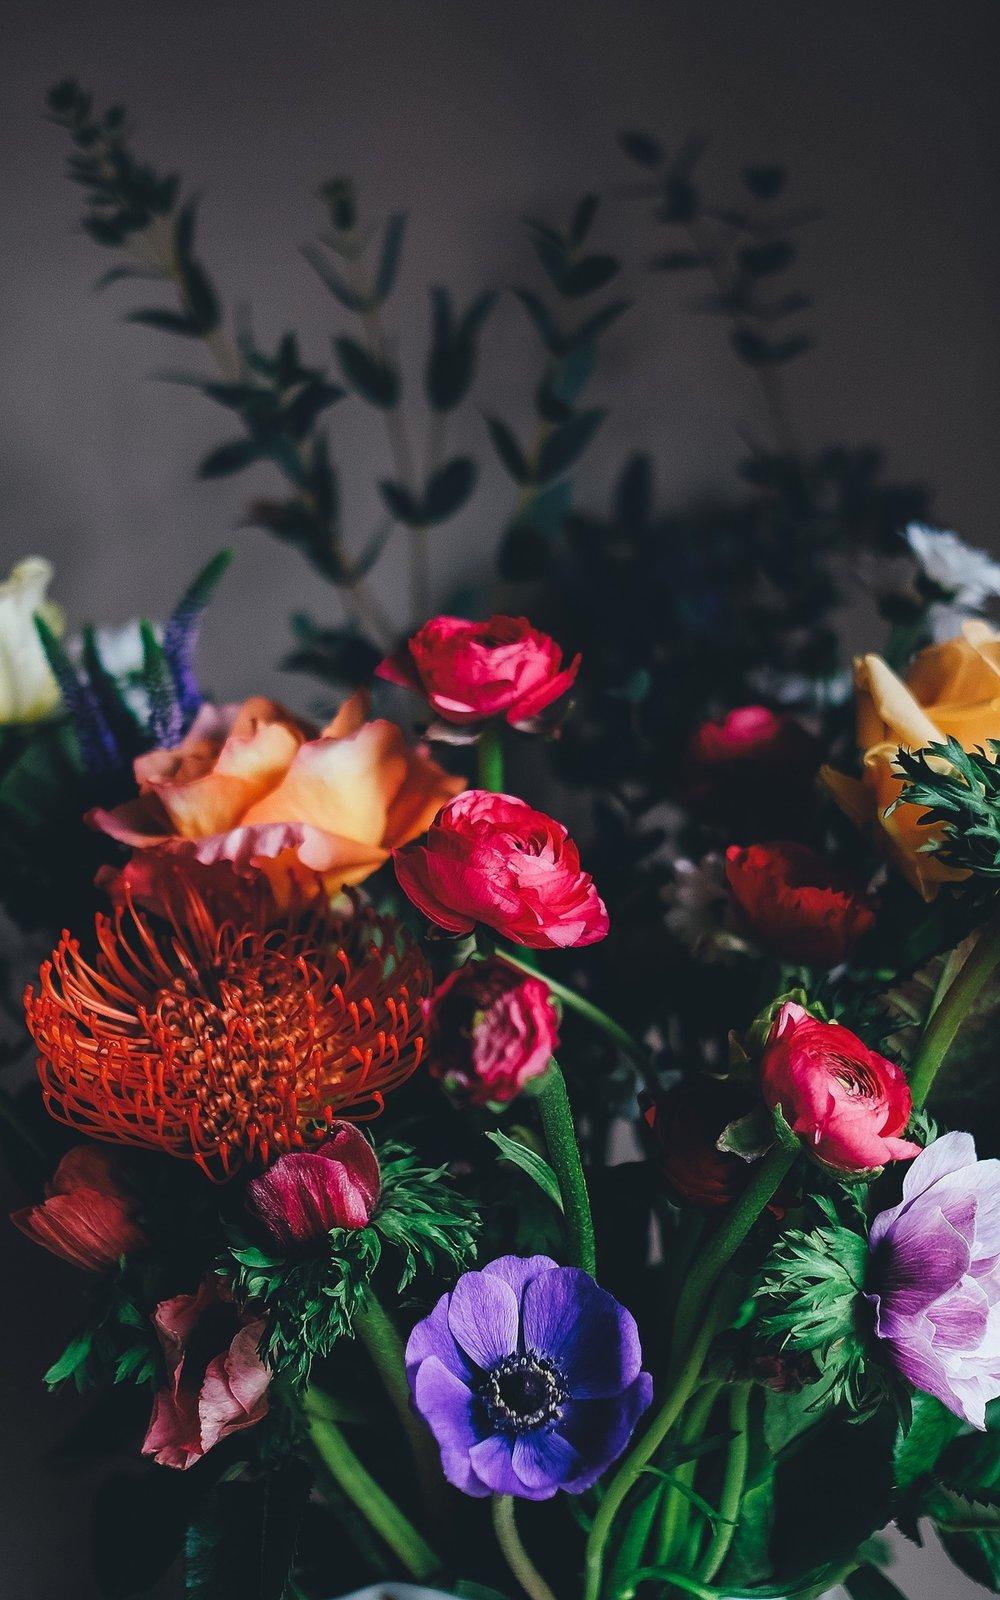 flowers-1245828_1920.jpg